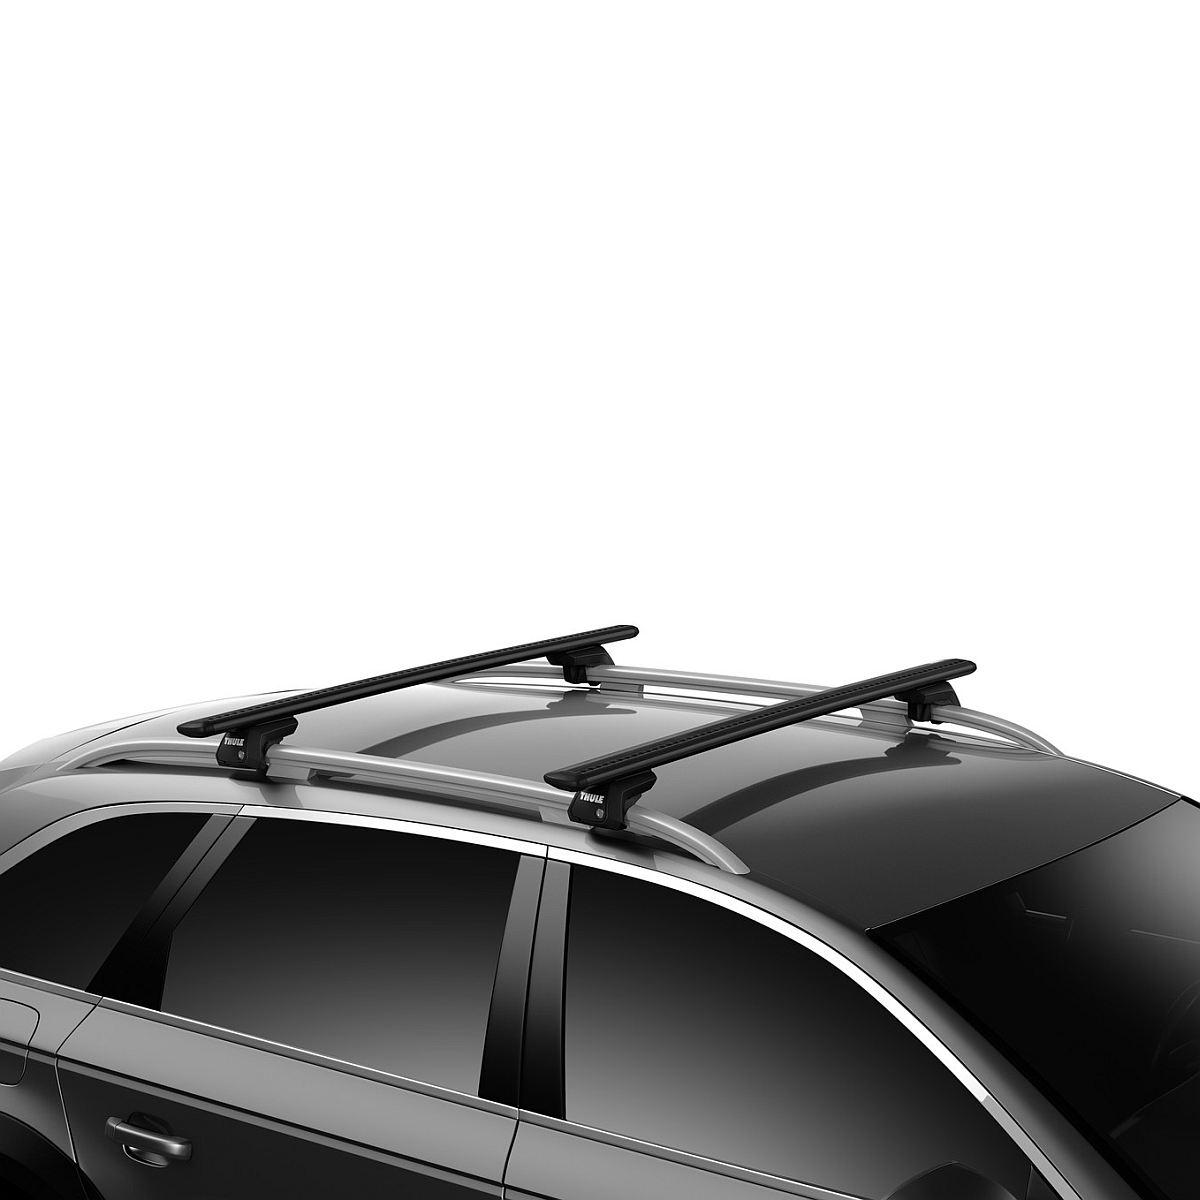 Напречни греди Thule Evo Raised Rail WingBar Evo 127cm в Черно за CITROEN C-crosser 5 врати SUV 07-12 с фабрични надлъжни греди с просвет 5